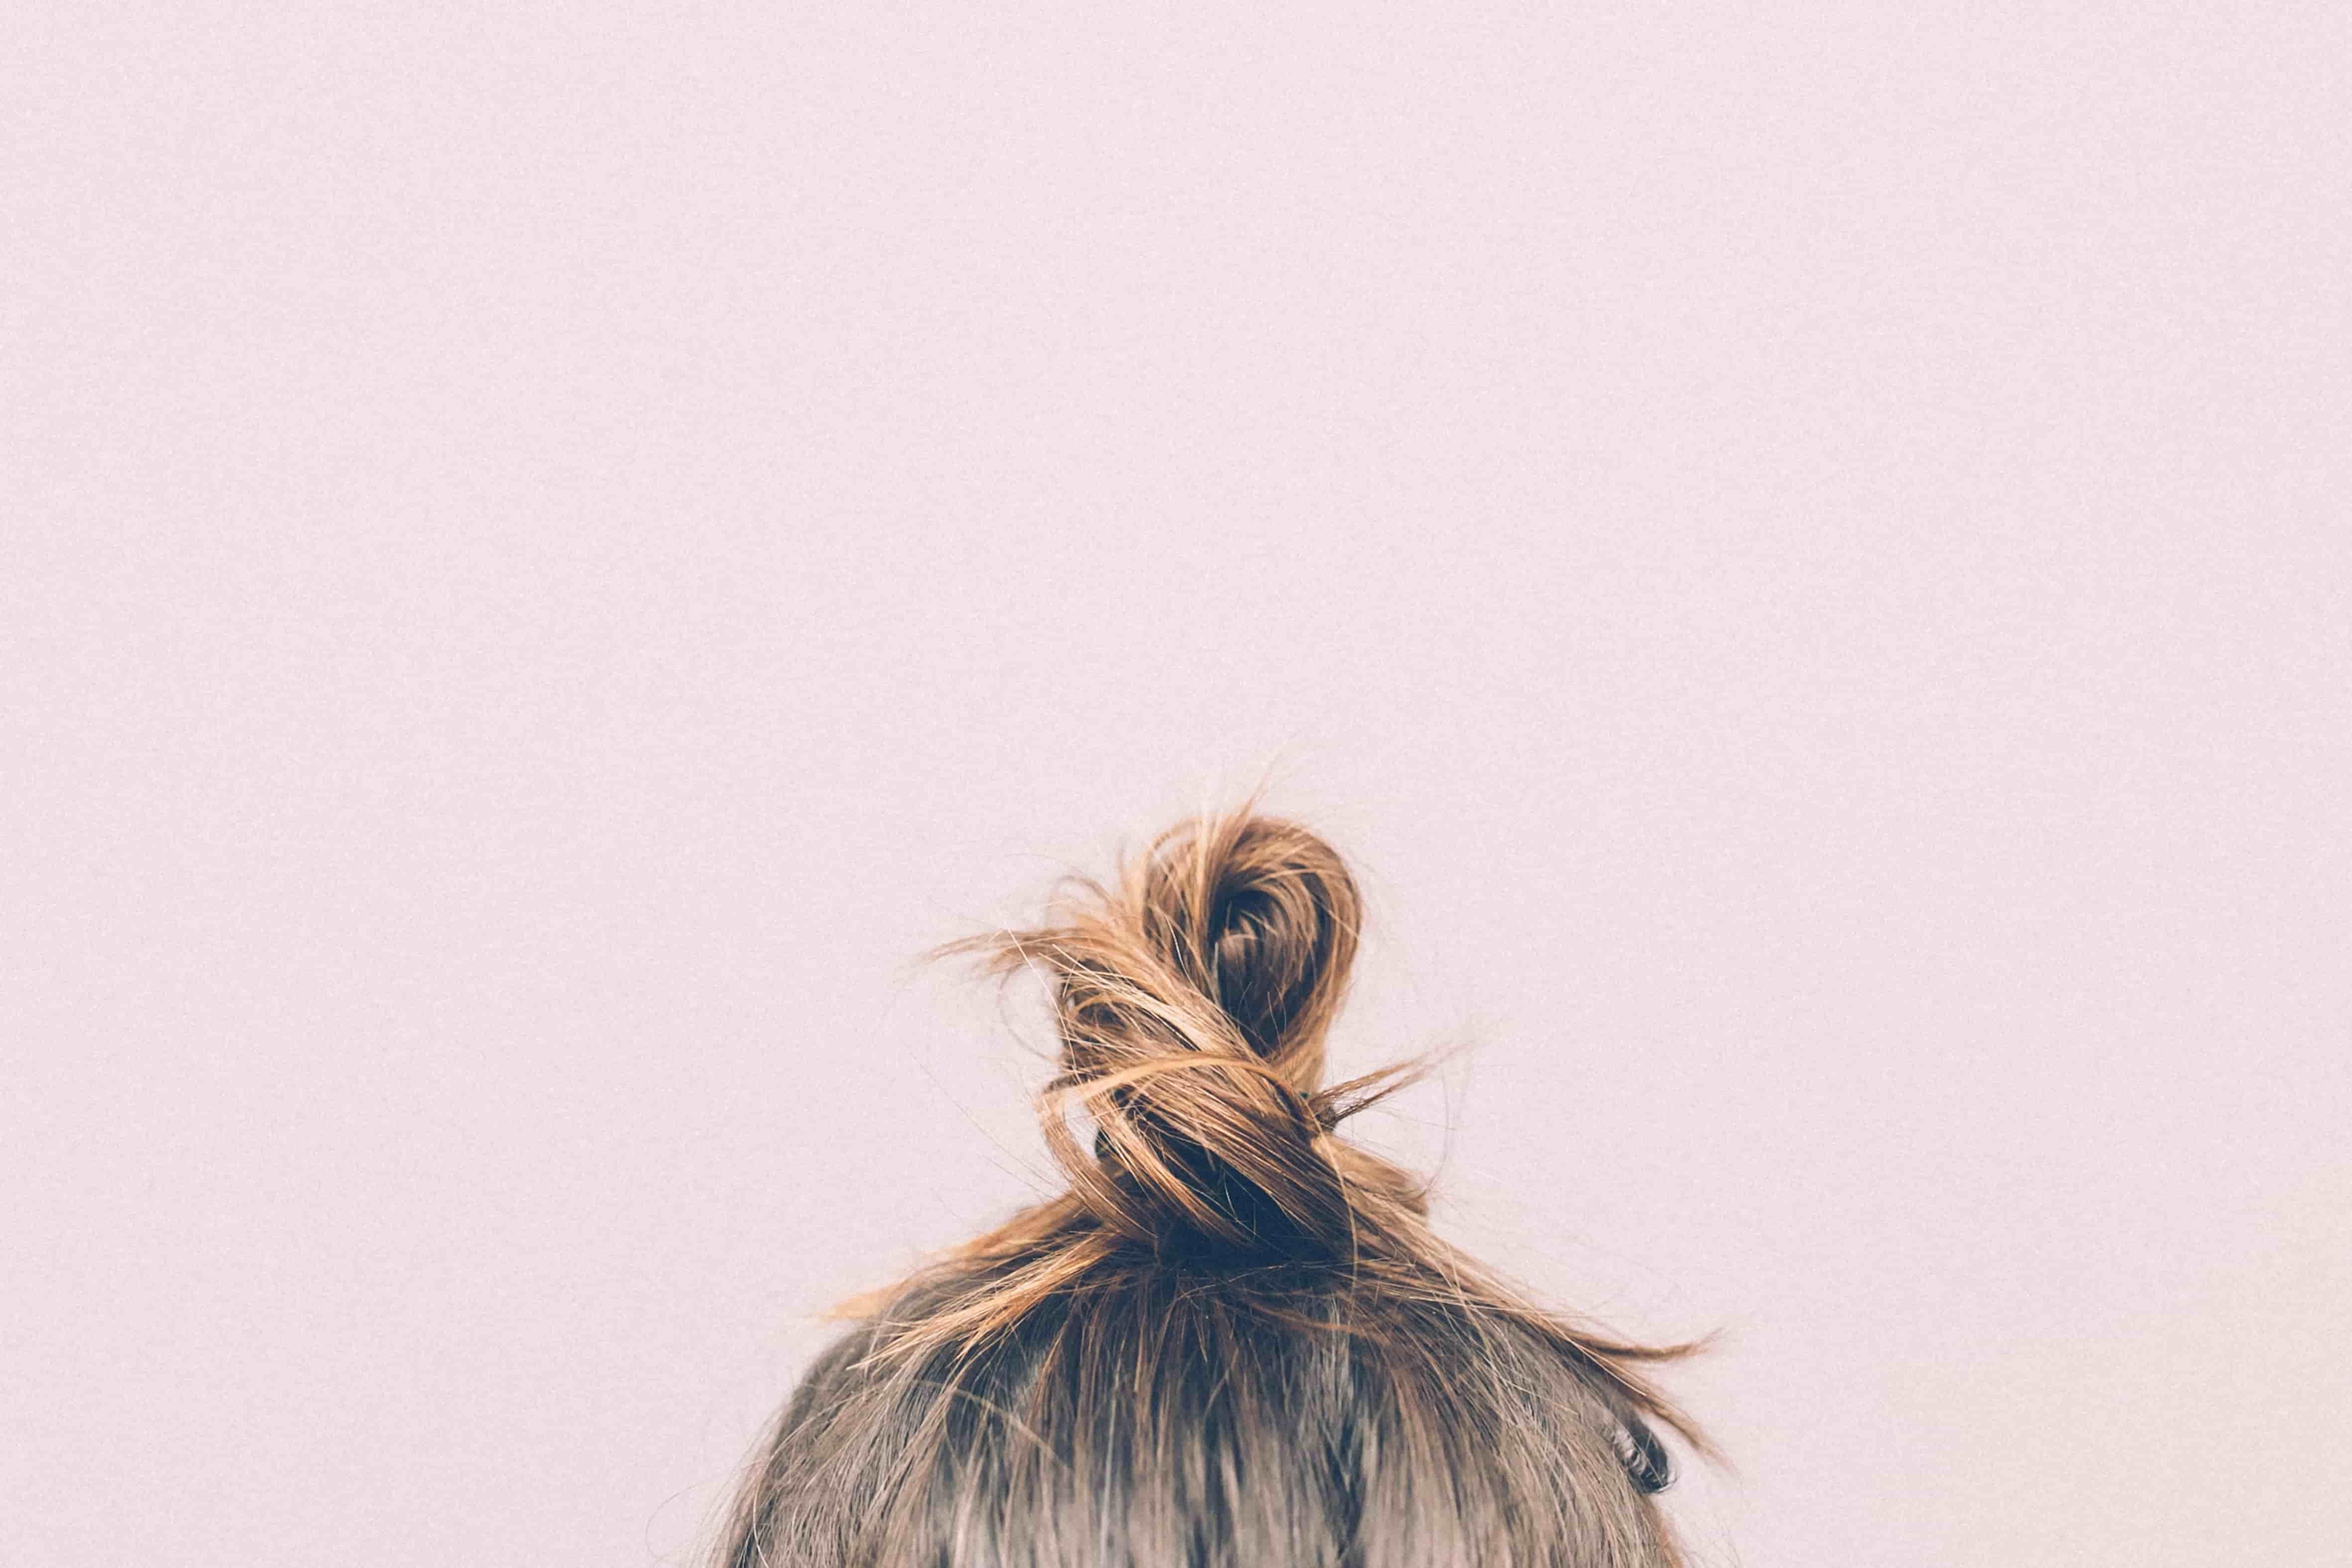 bun-girl-hairs-9634-min-min.jpg